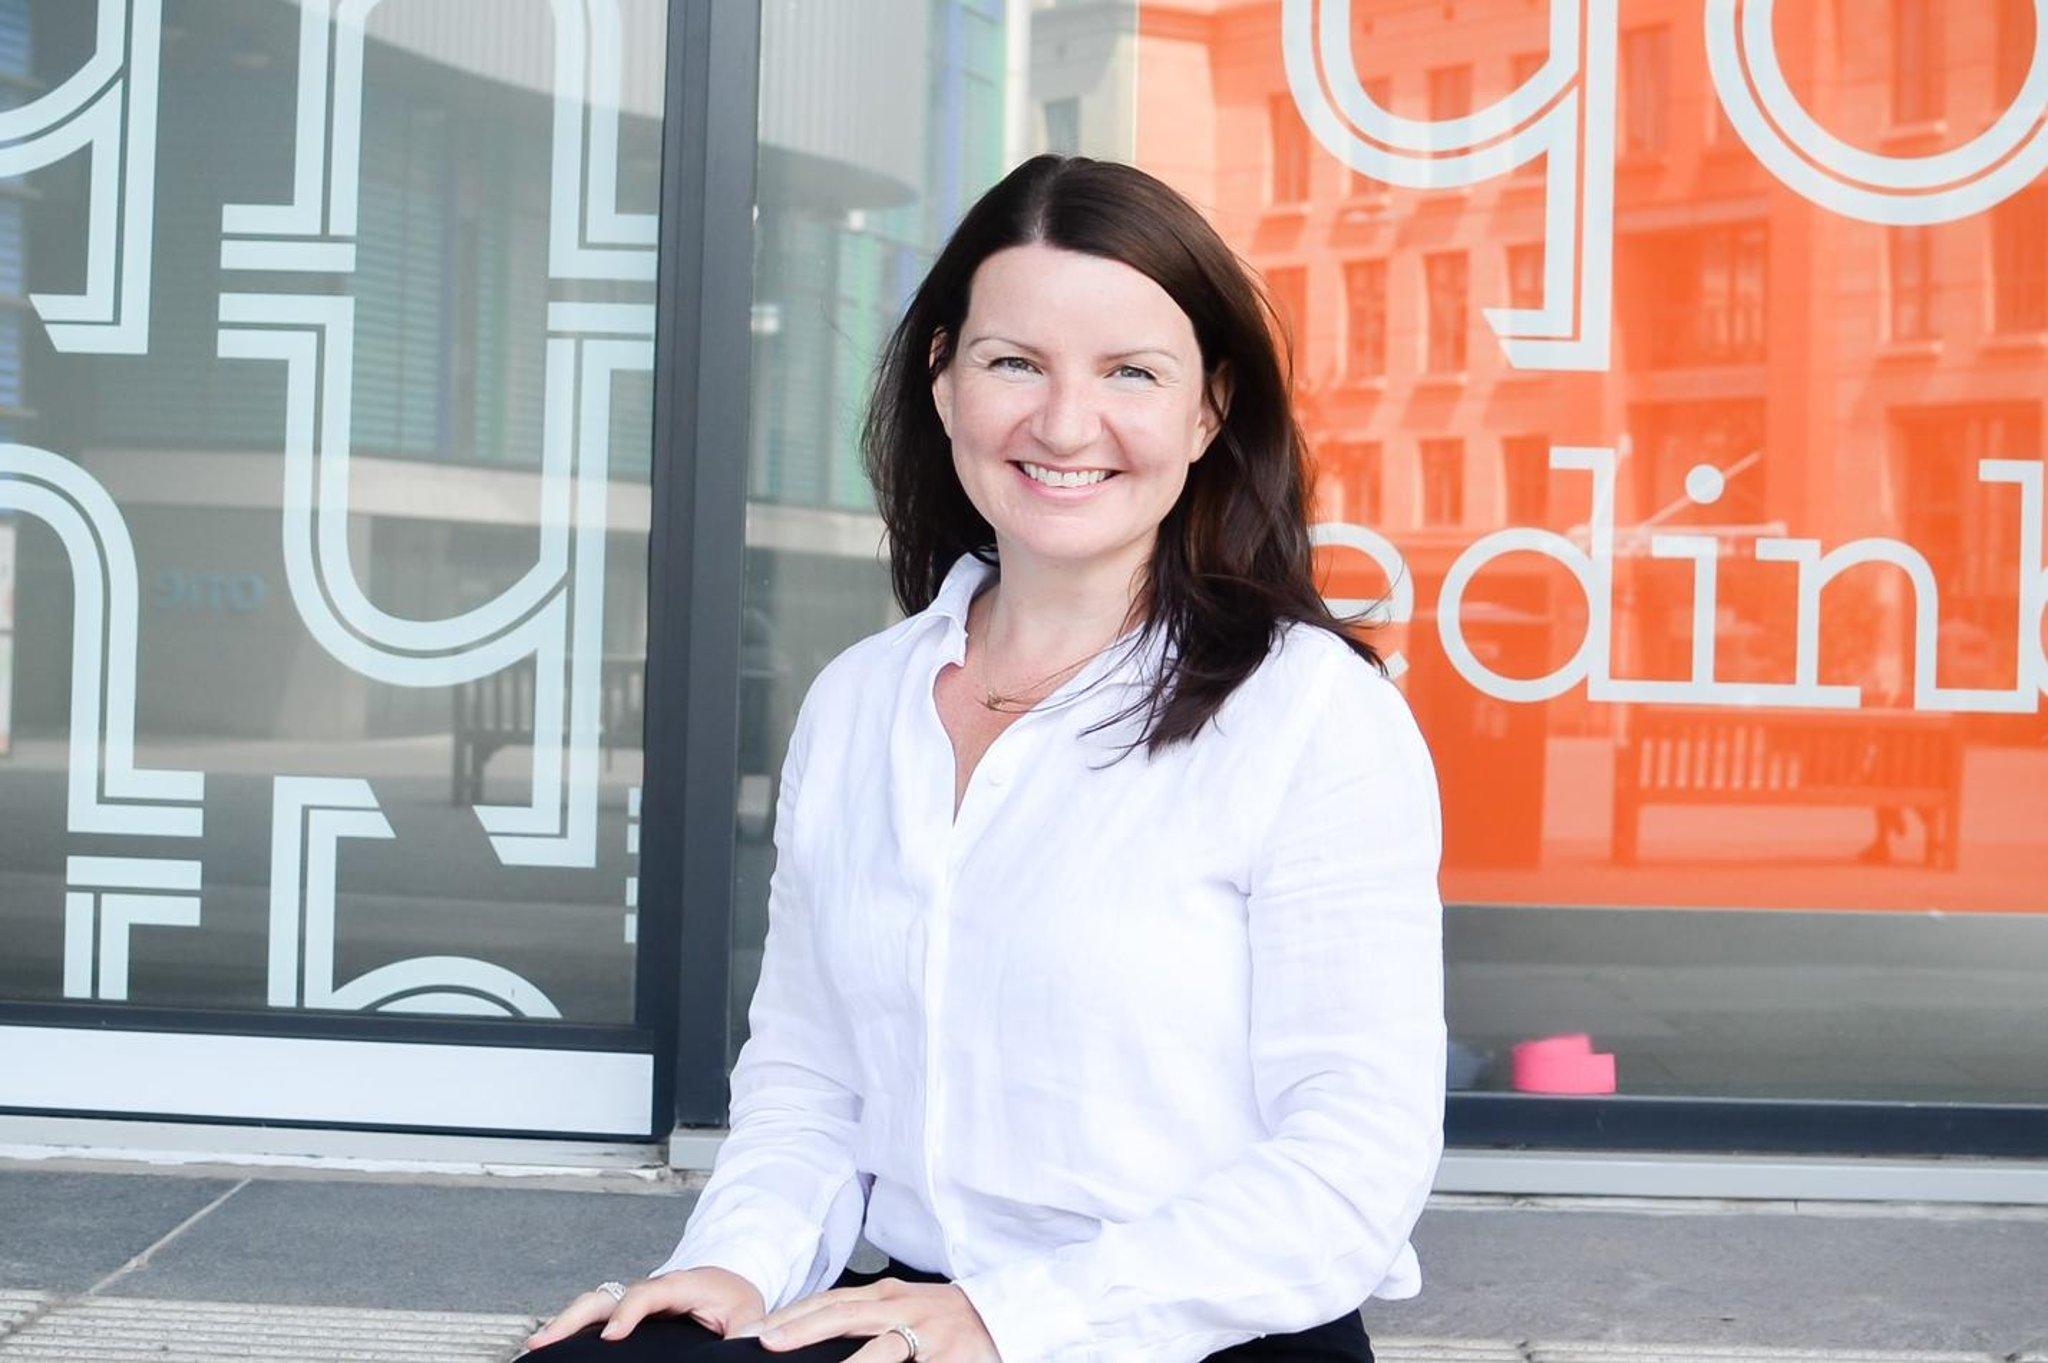 Pengusaha wanita Edinburgh bernama pengusaha di tempat tinggal di University of Stirling Management School